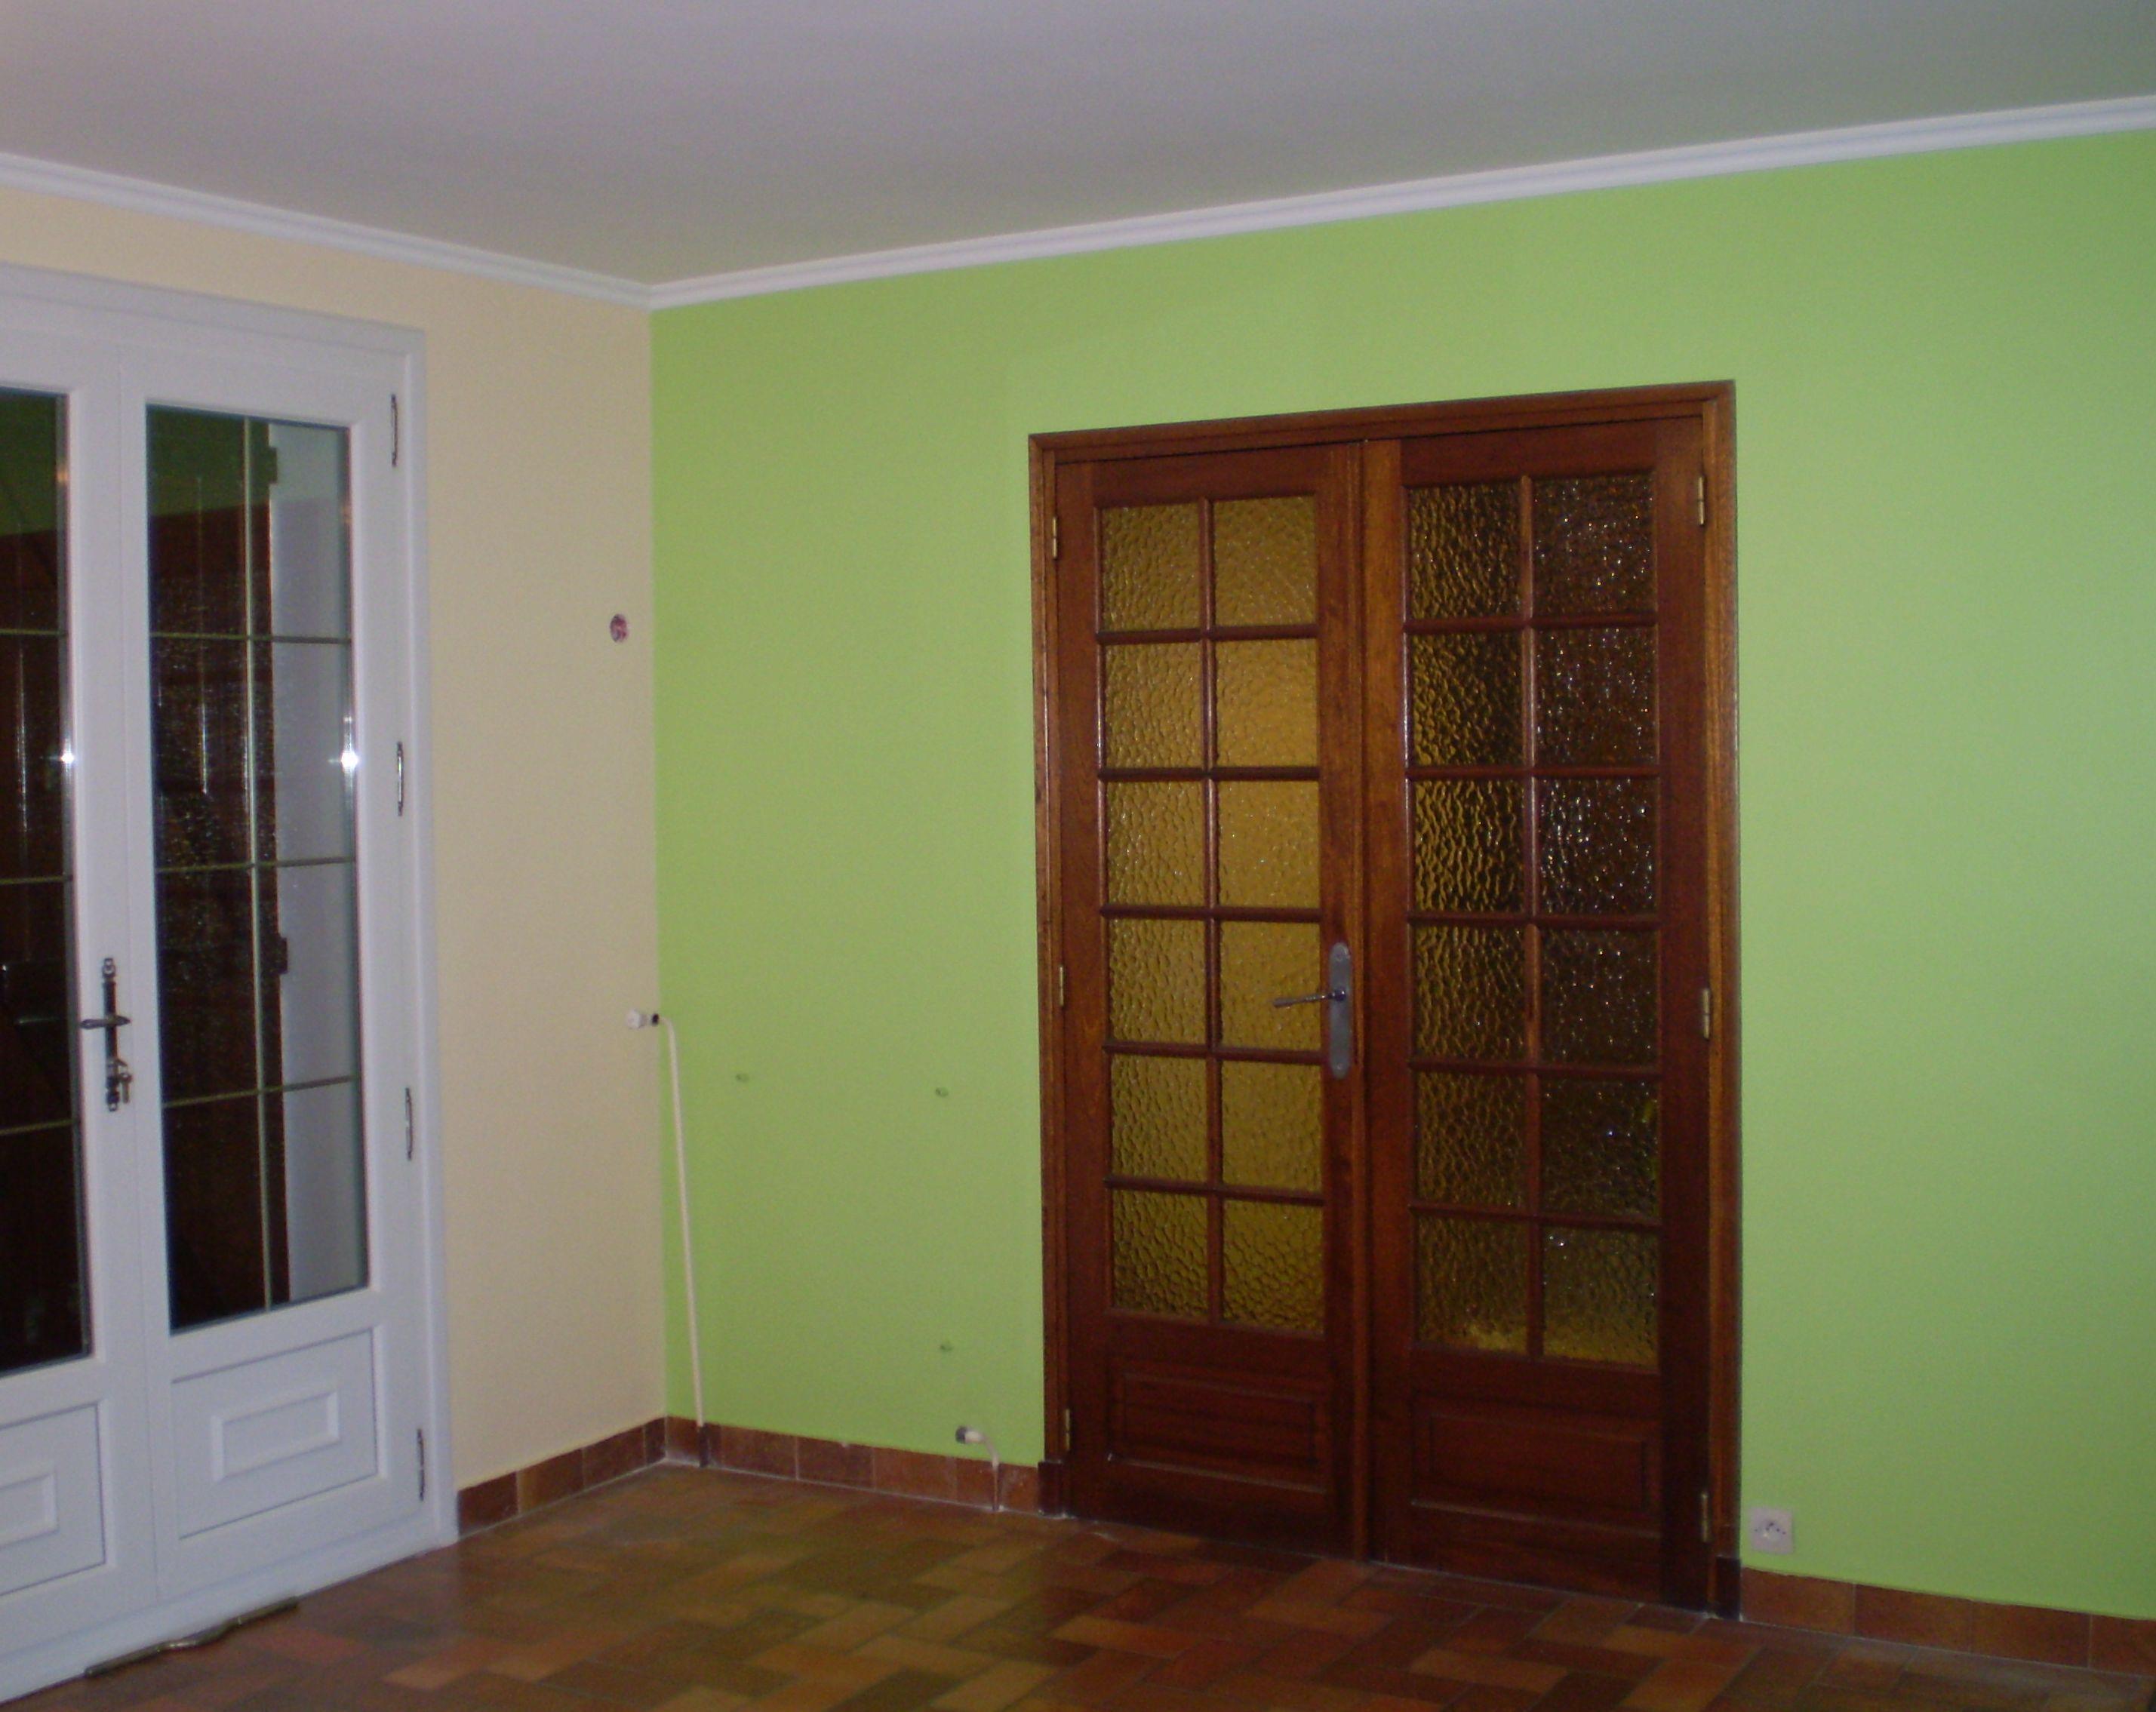 Dunet decorateur d interieur page 2 for Decorateur d interieur